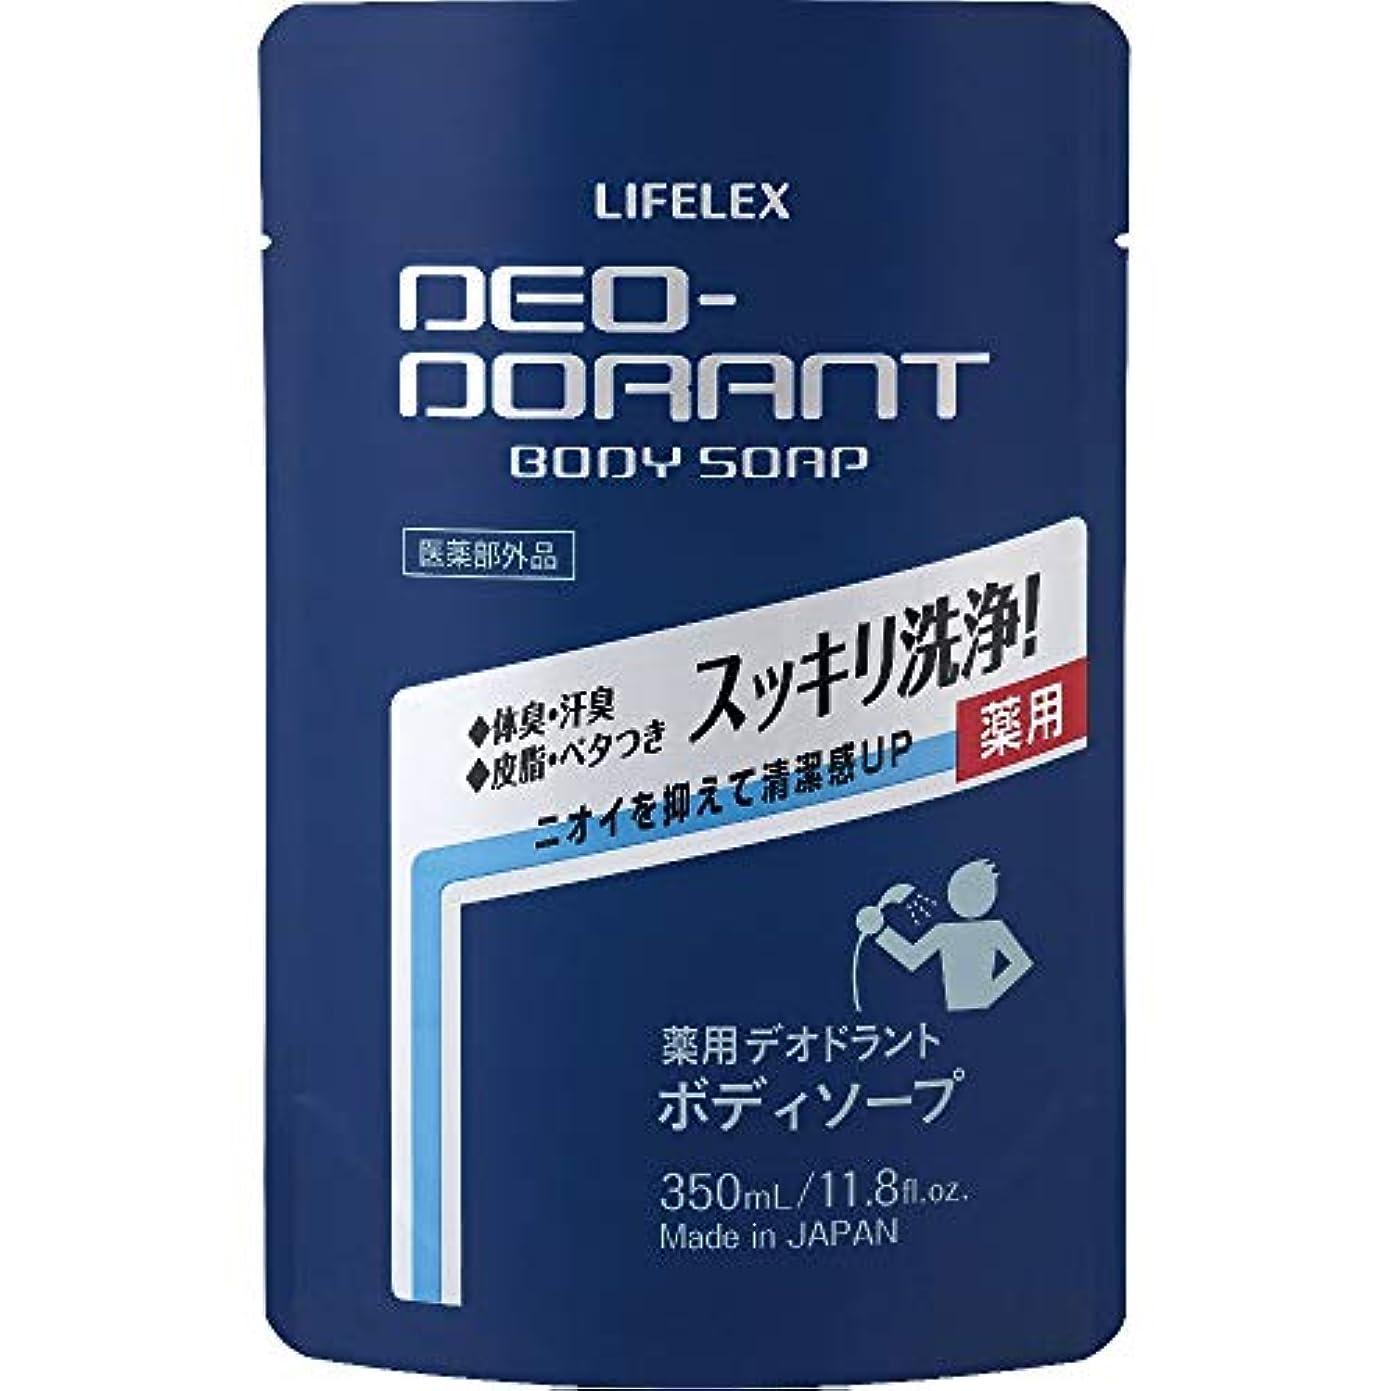 豊富崇拝しますジェットコーナン オリジナル LIFELEX 薬用デオドラント ボディソープ詰替 350ml